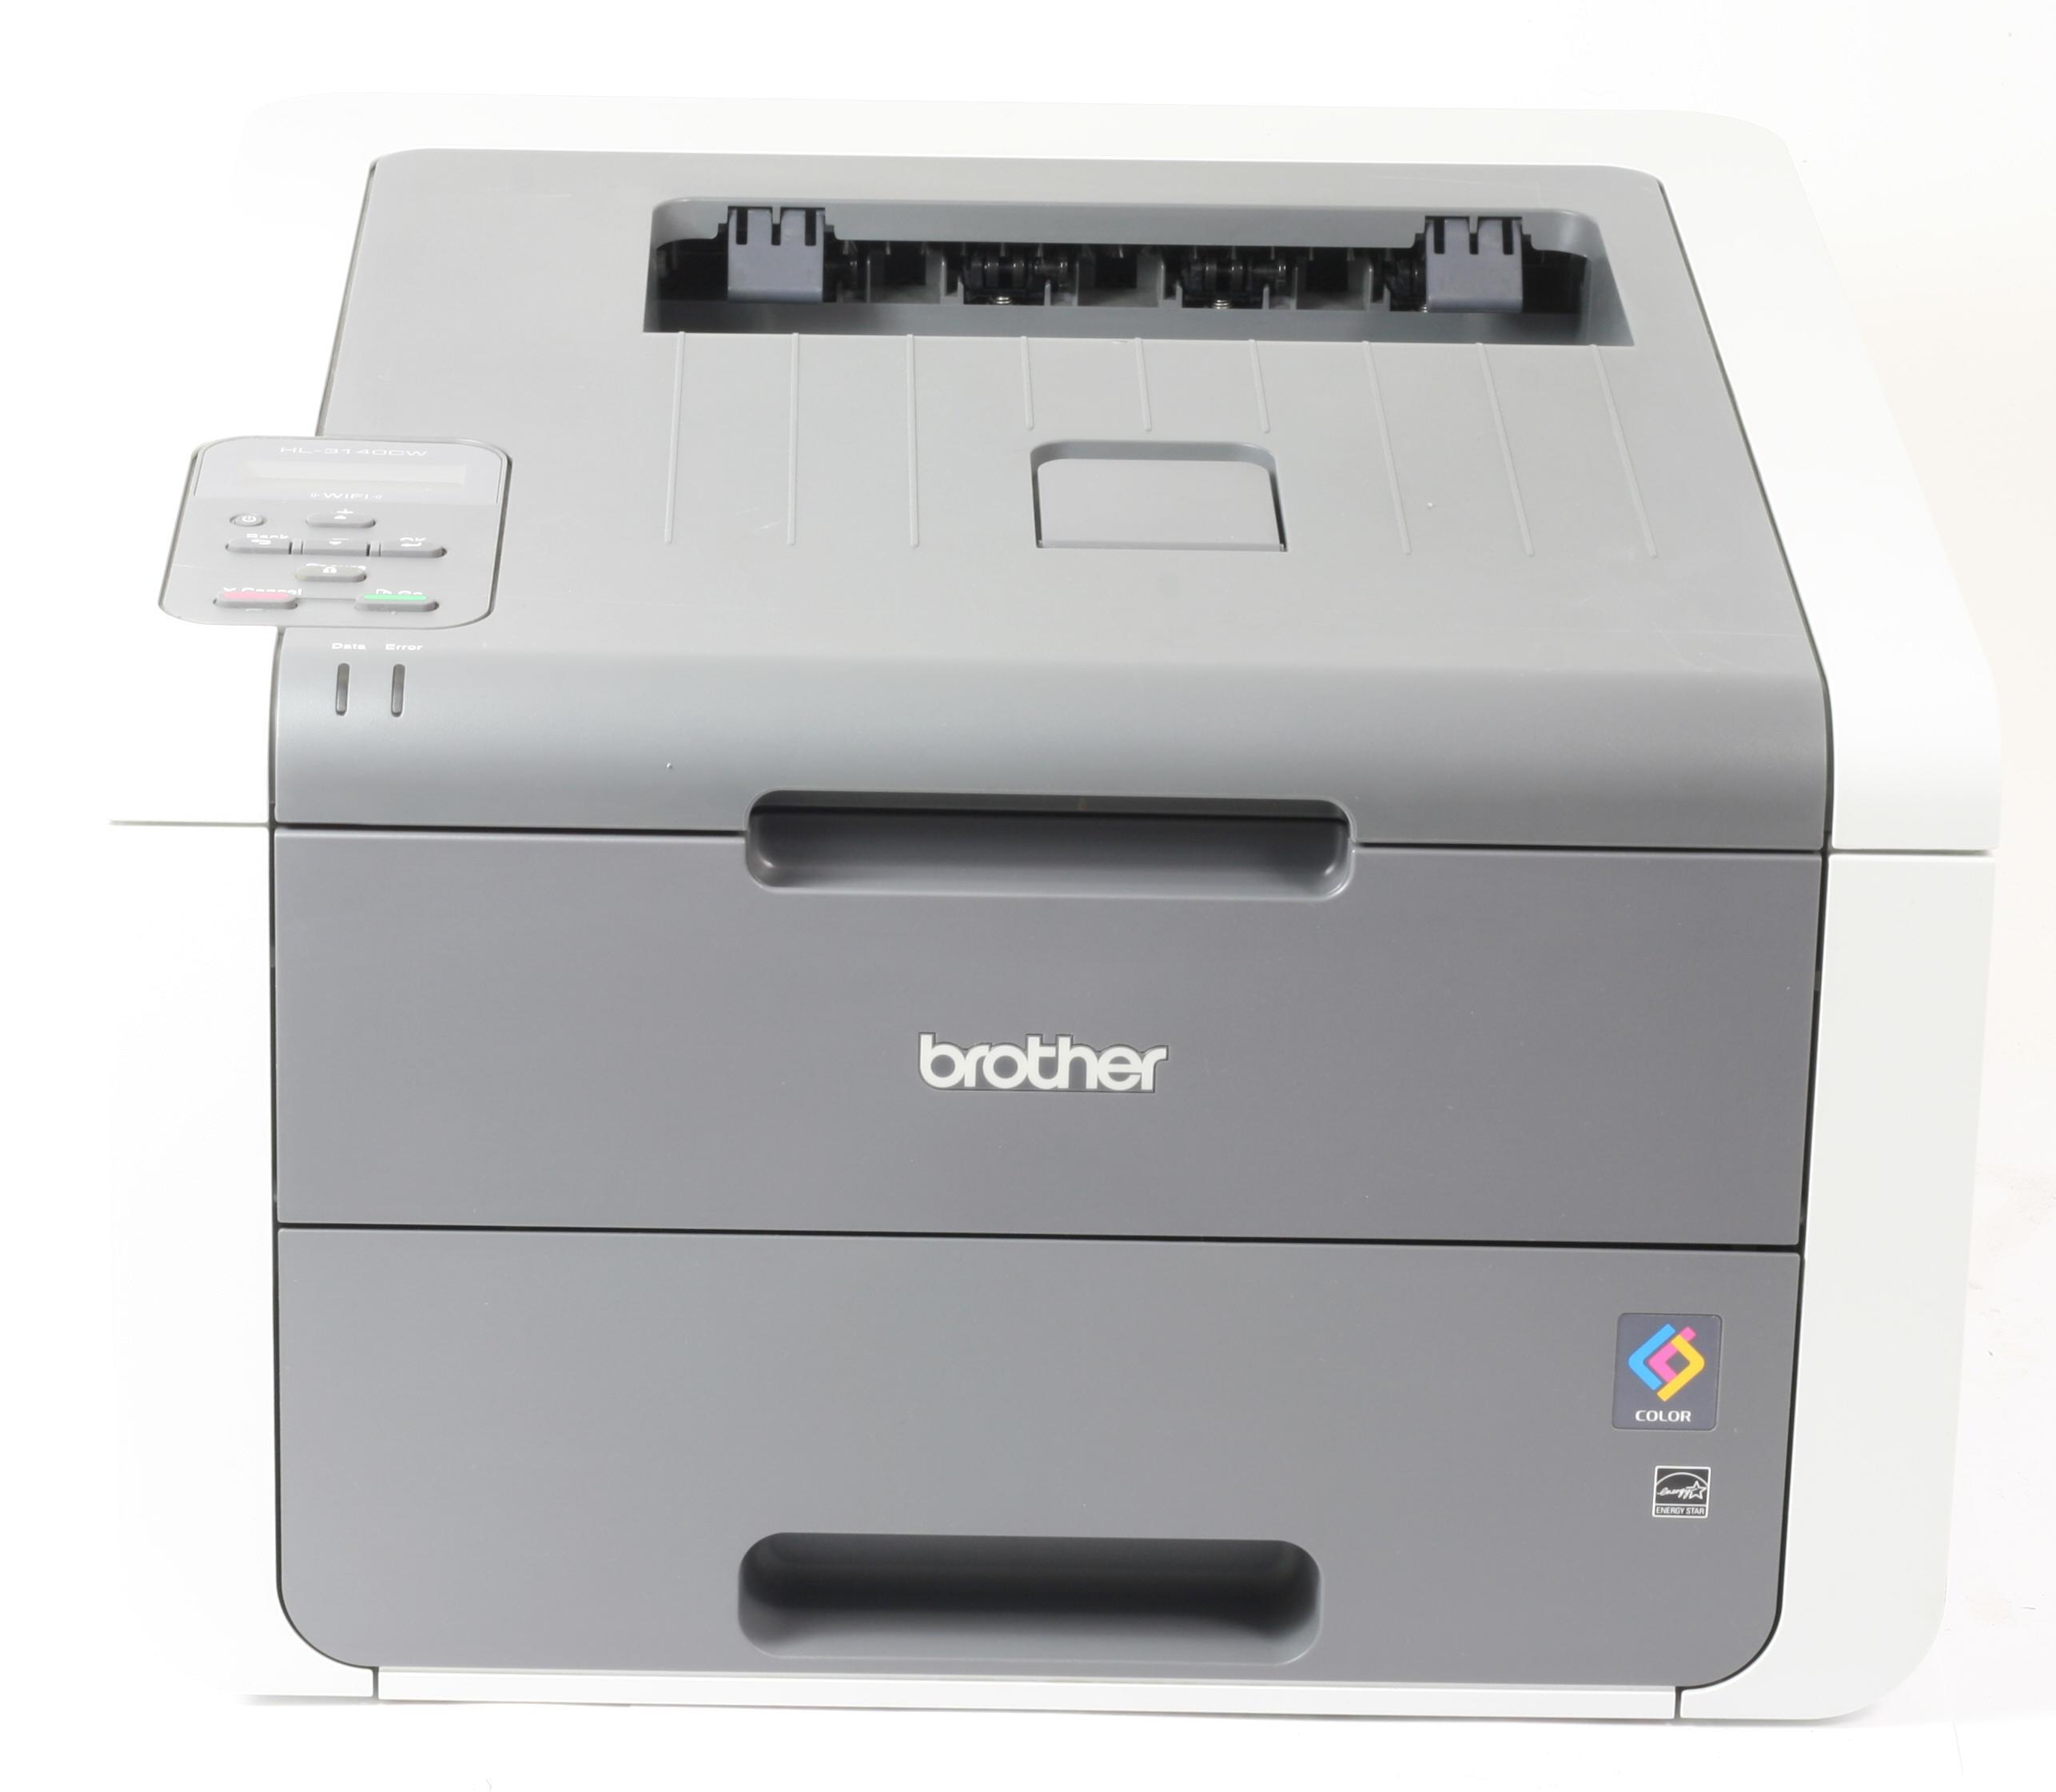 Brother Drucker HL-3140CW Drucker WLAN WiFi Farblaserdrucker gebraucht unter 5.000 Seiten